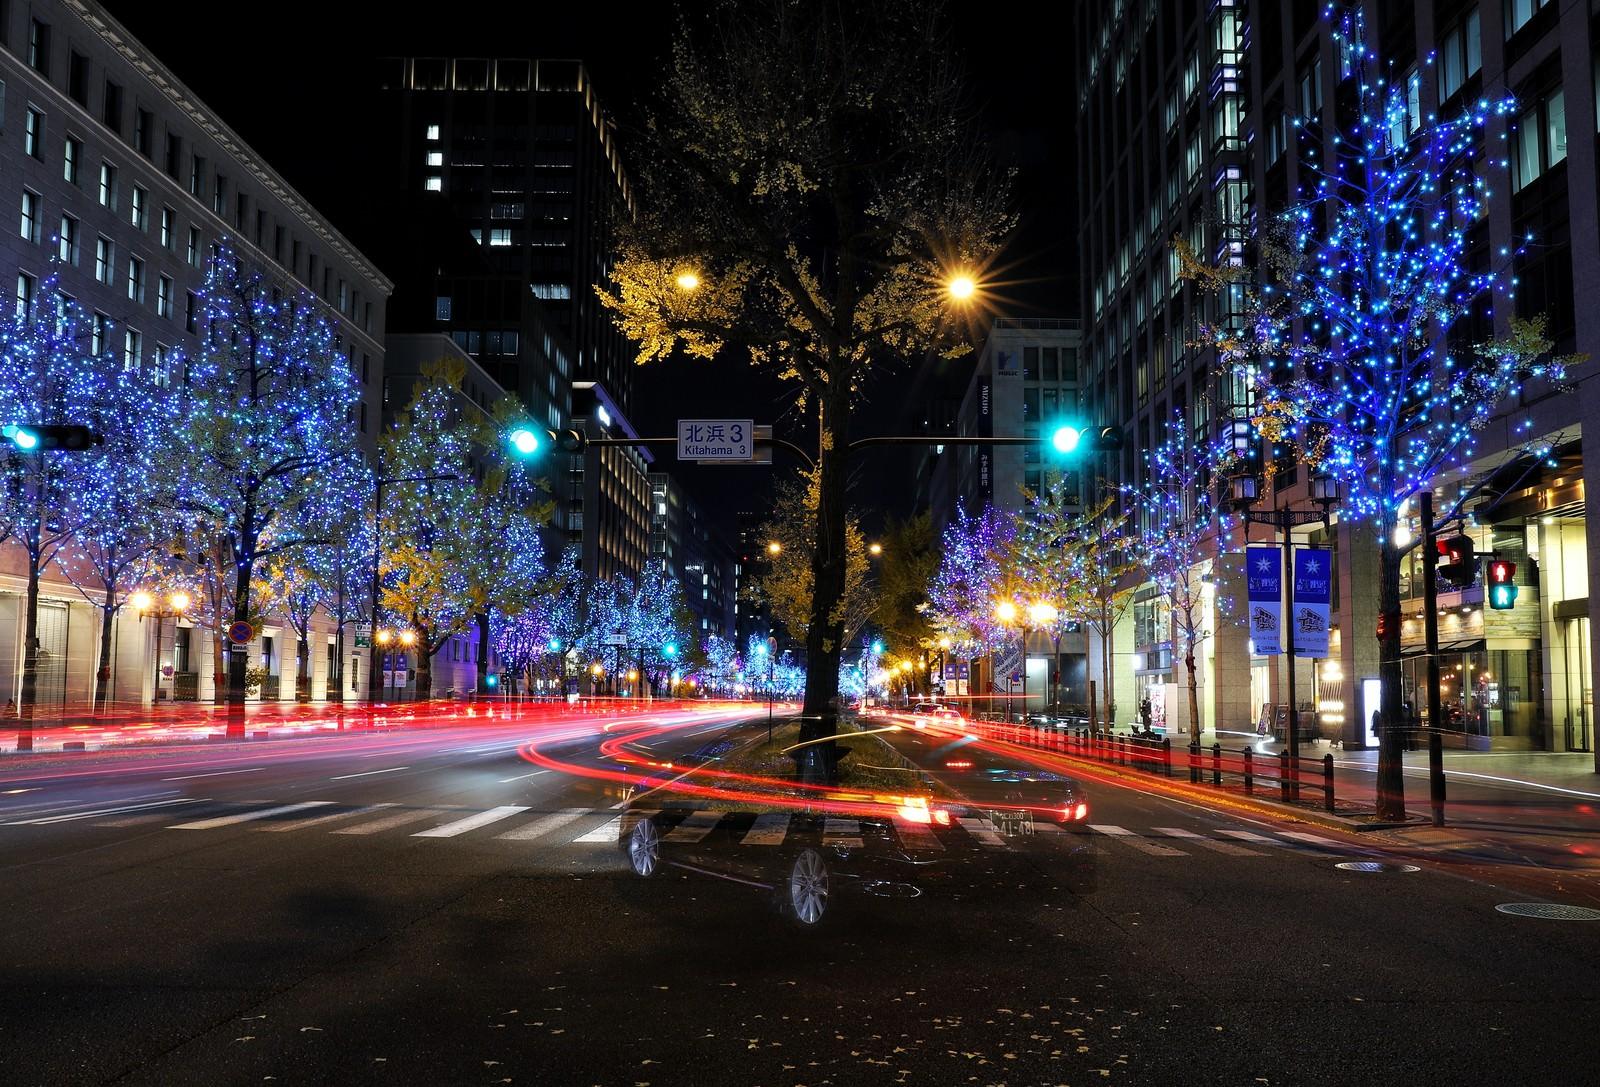 「街のイルミネーションと車の光跡」の写真